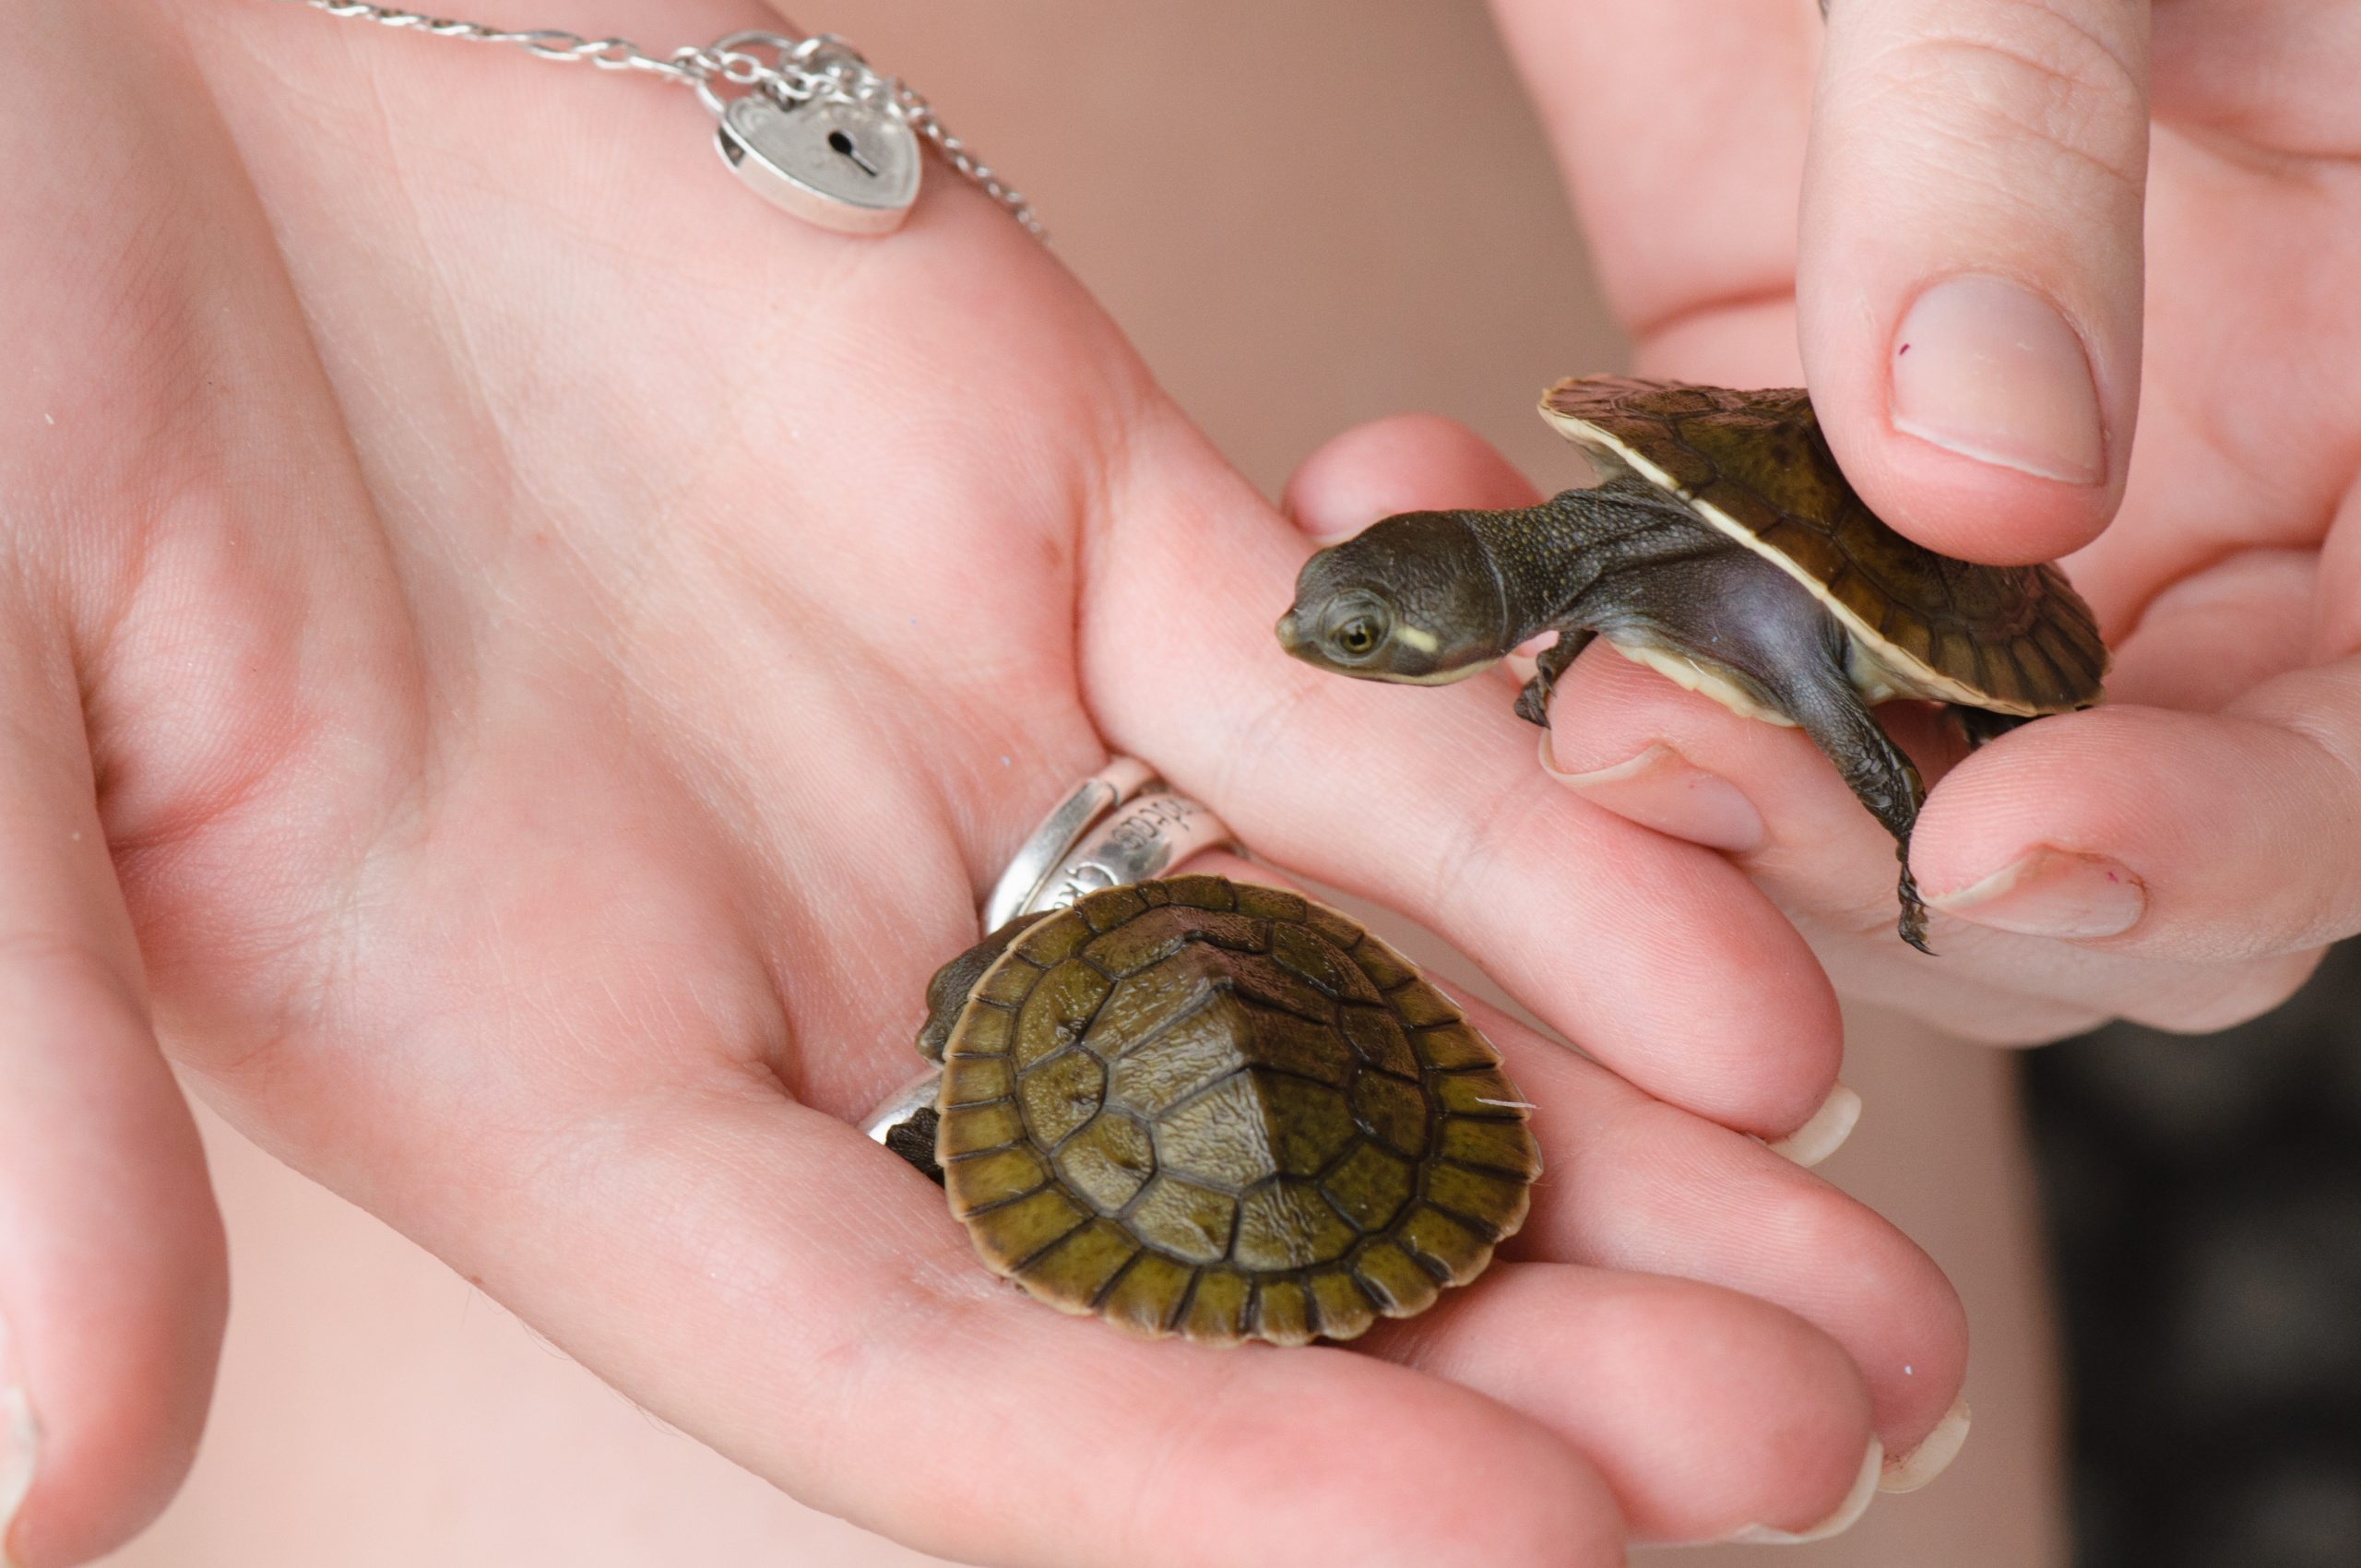 Pet baby turtles held in hand